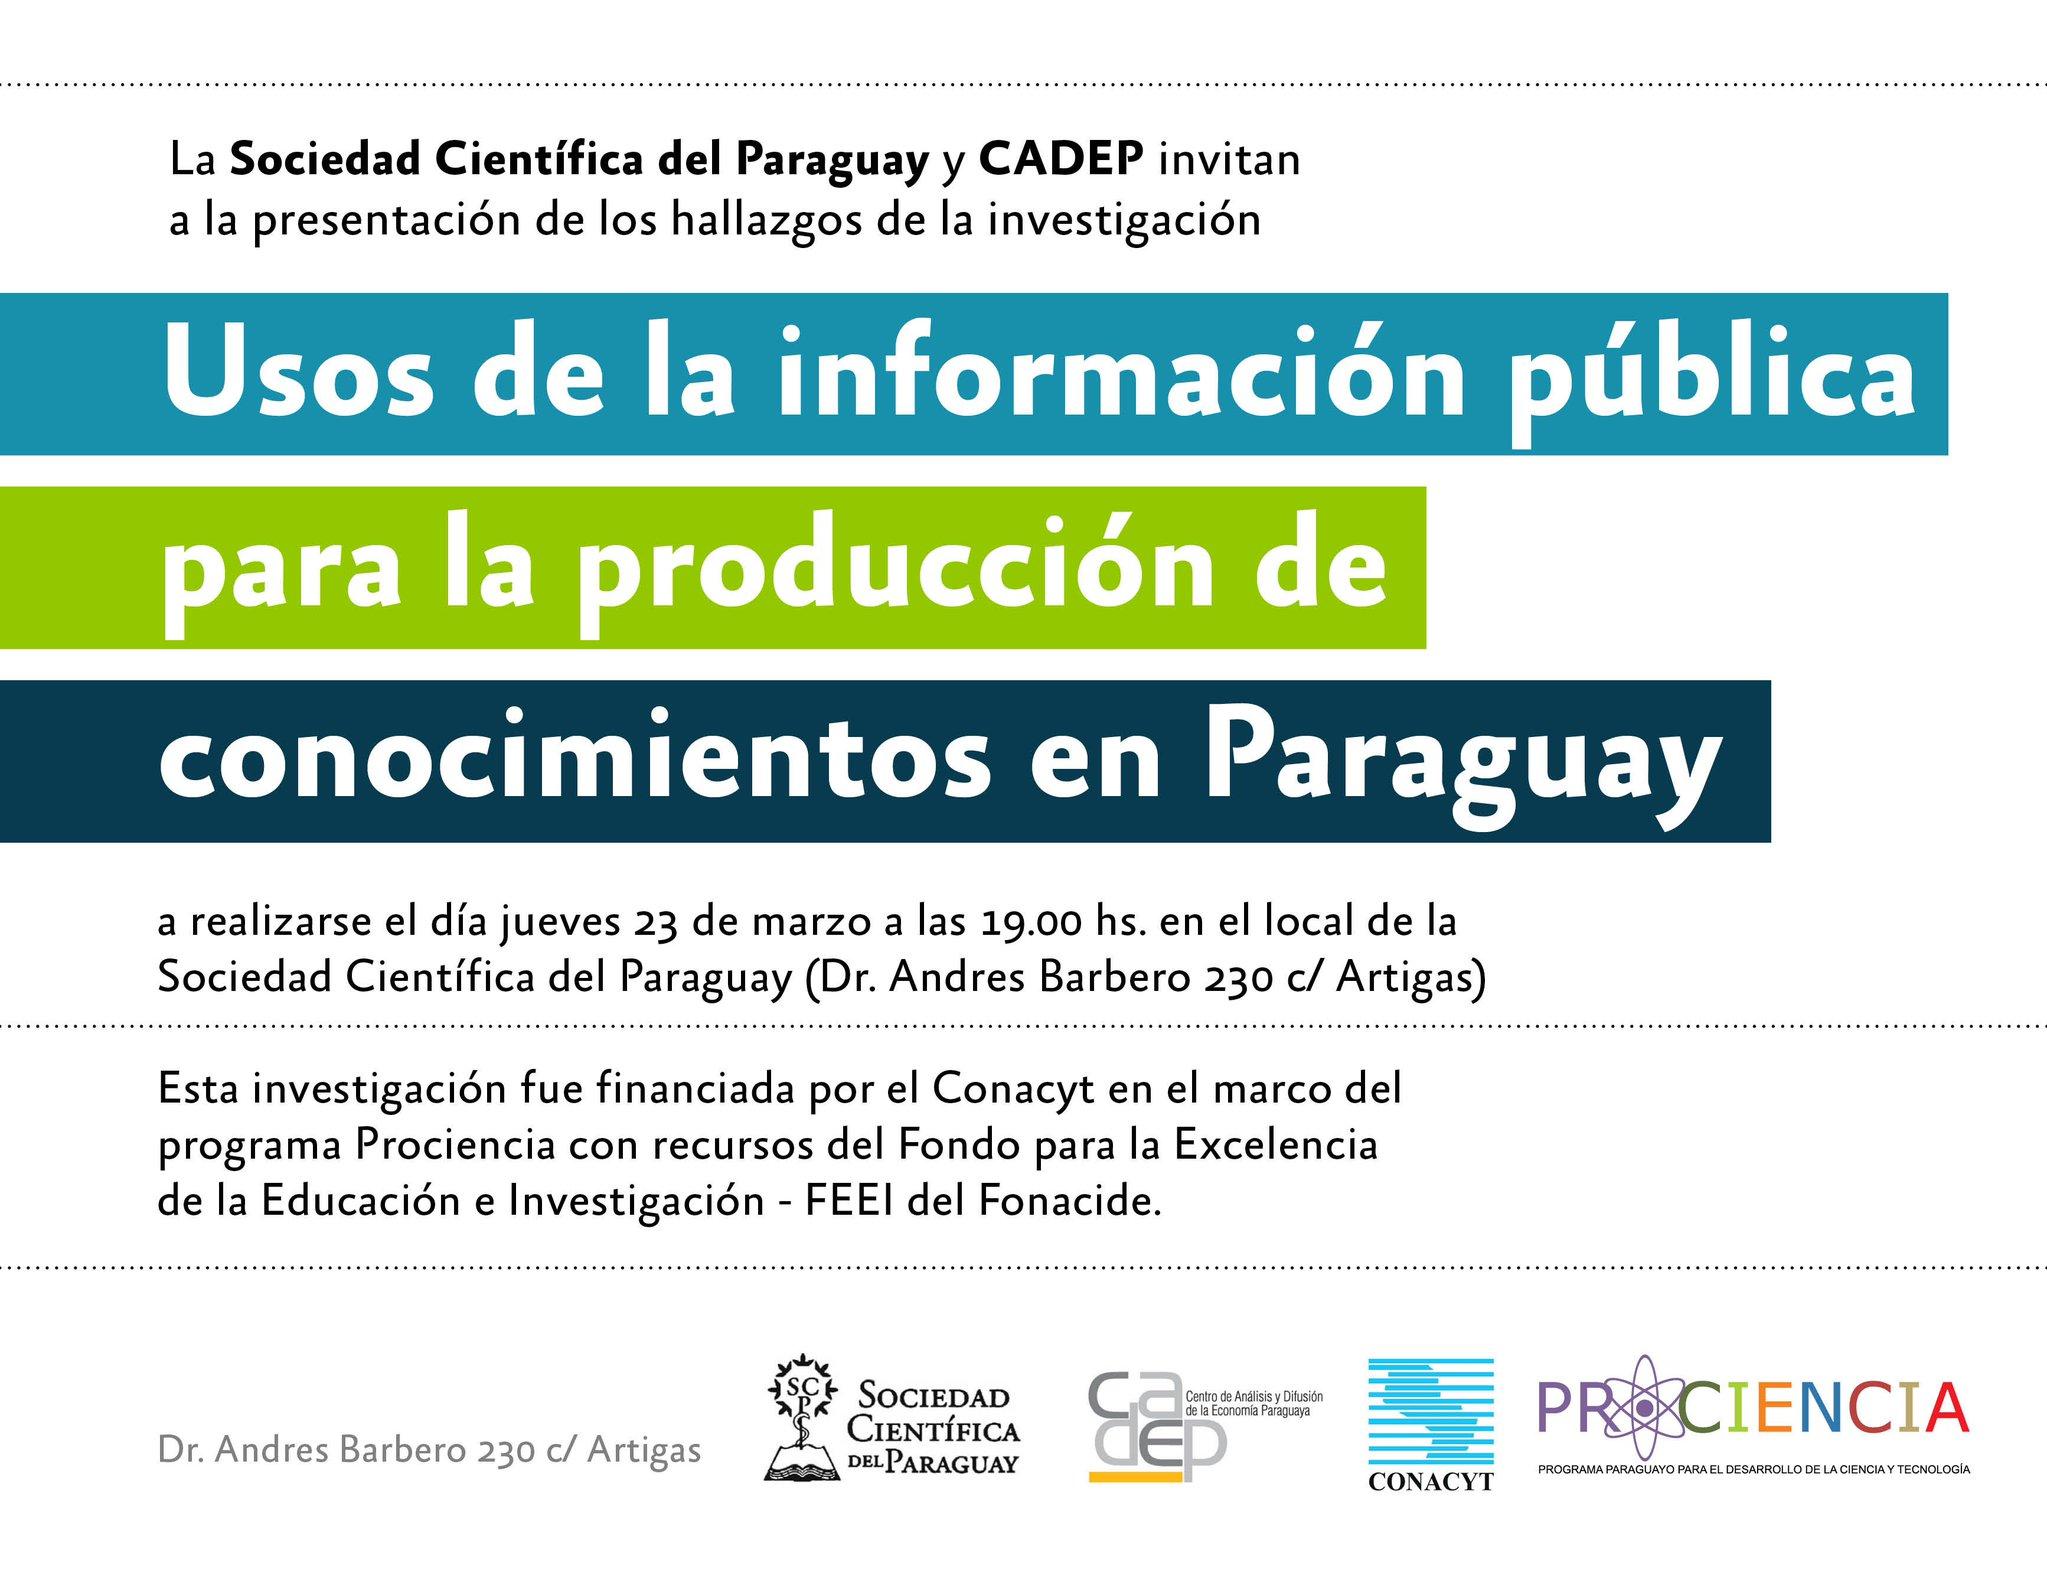 Presentación de los hallazgos de la investigación usos de información pública - Paraguay